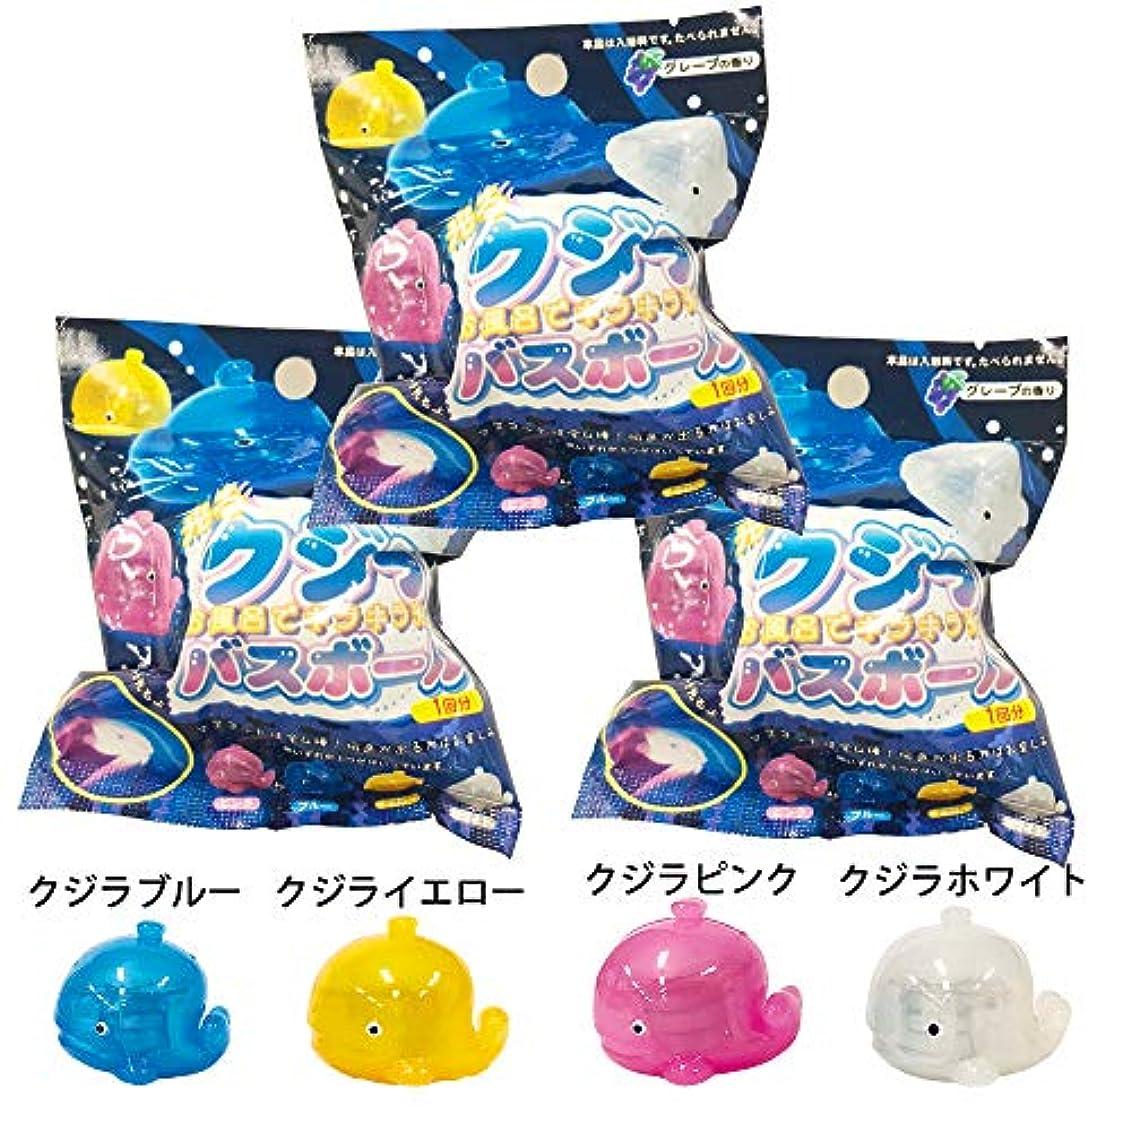 ソケットリアル押す【3個セット】 光る レインボー バスボール 入浴剤 クジラ グレープの香り